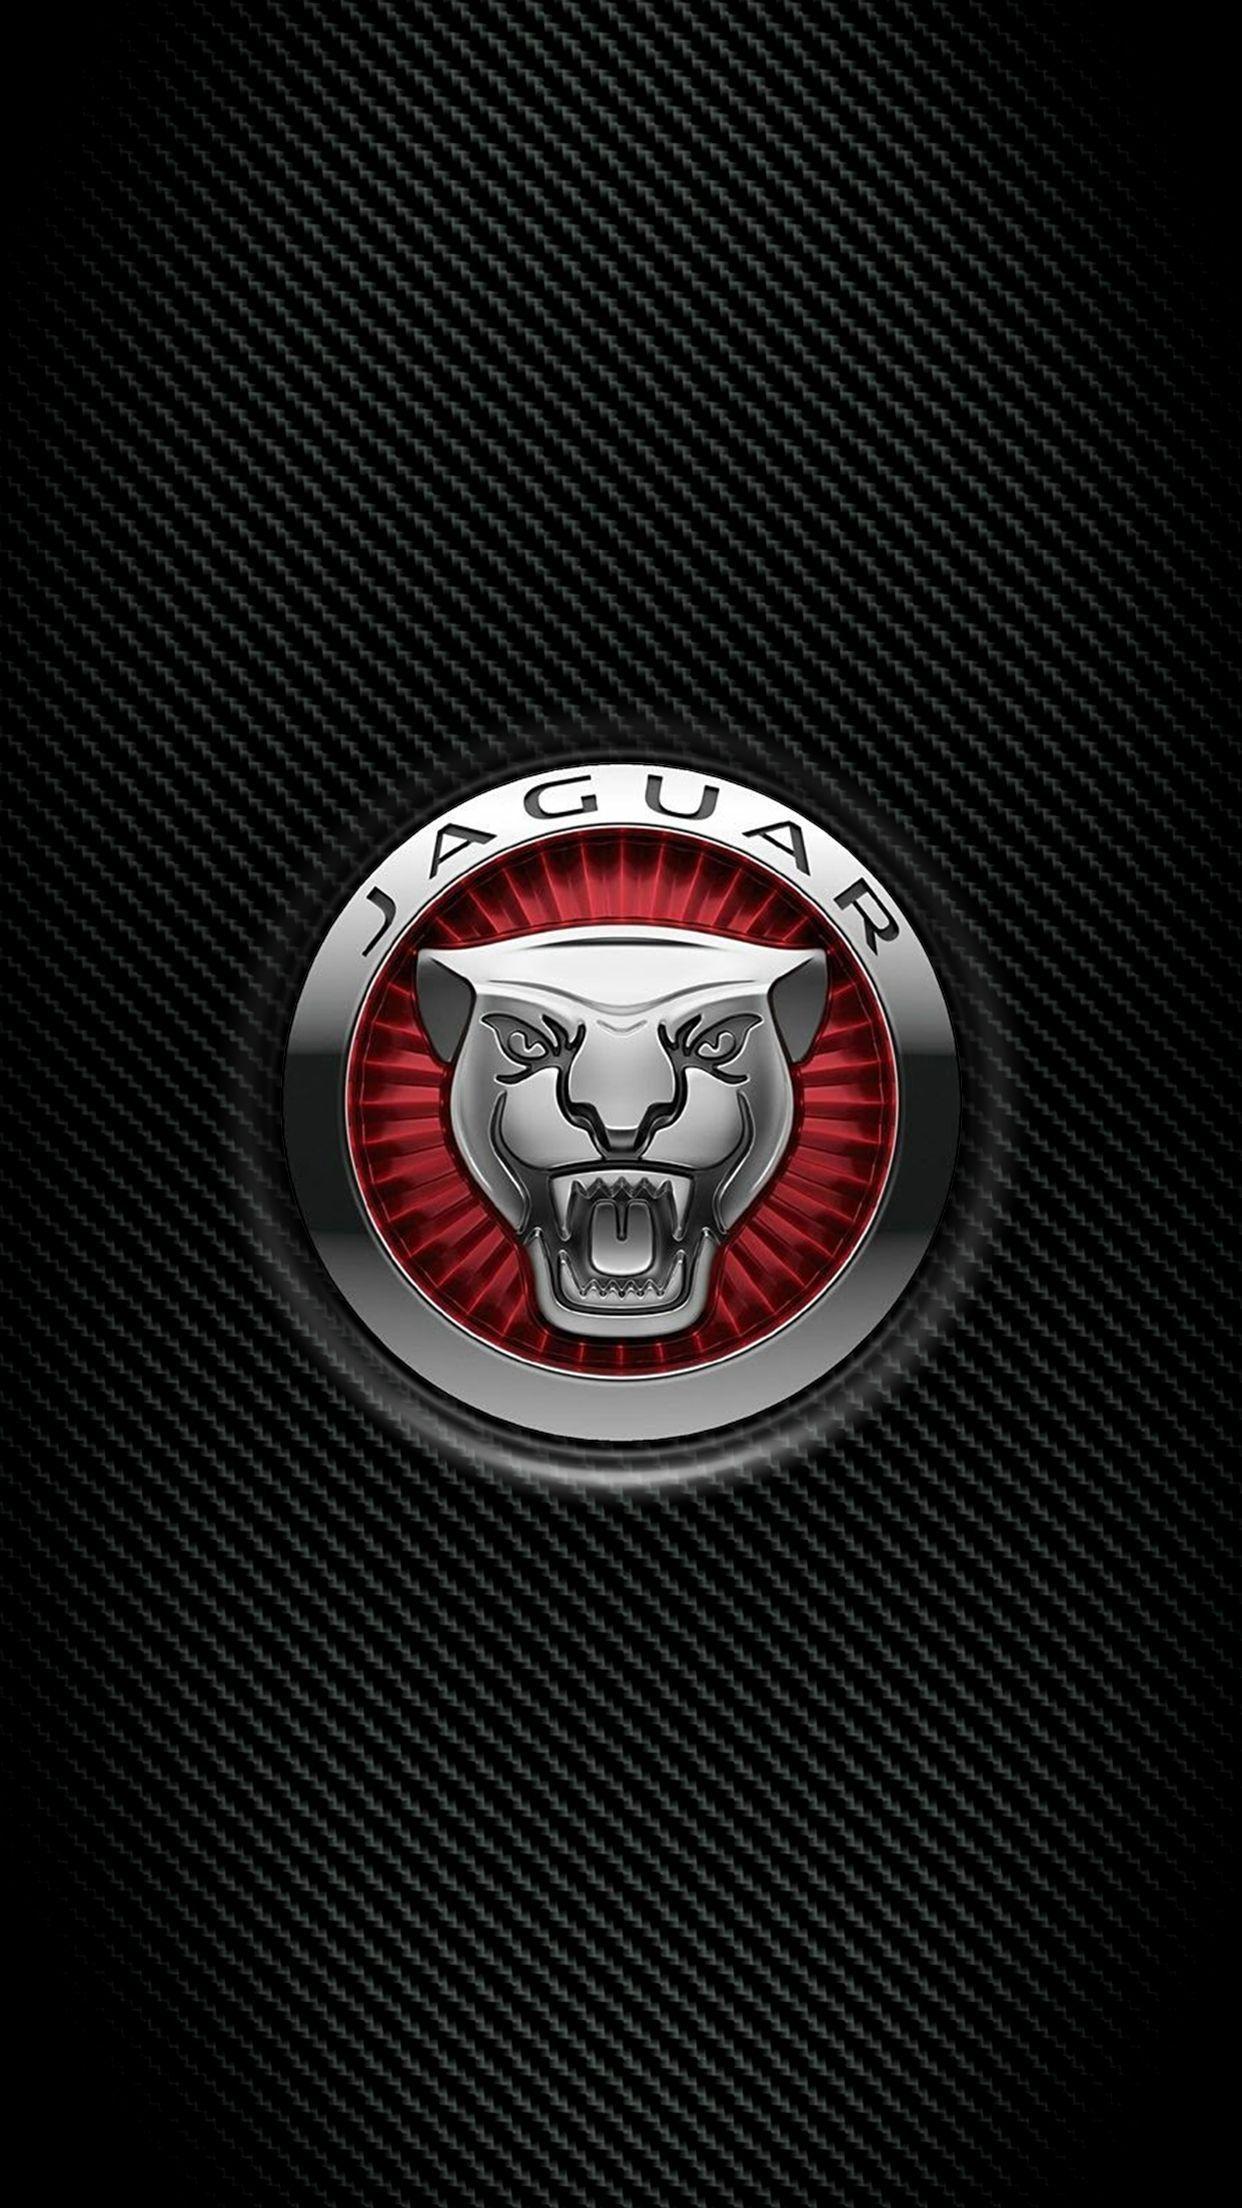 Jaguar Logo wallpaper/screen saver for smartphone